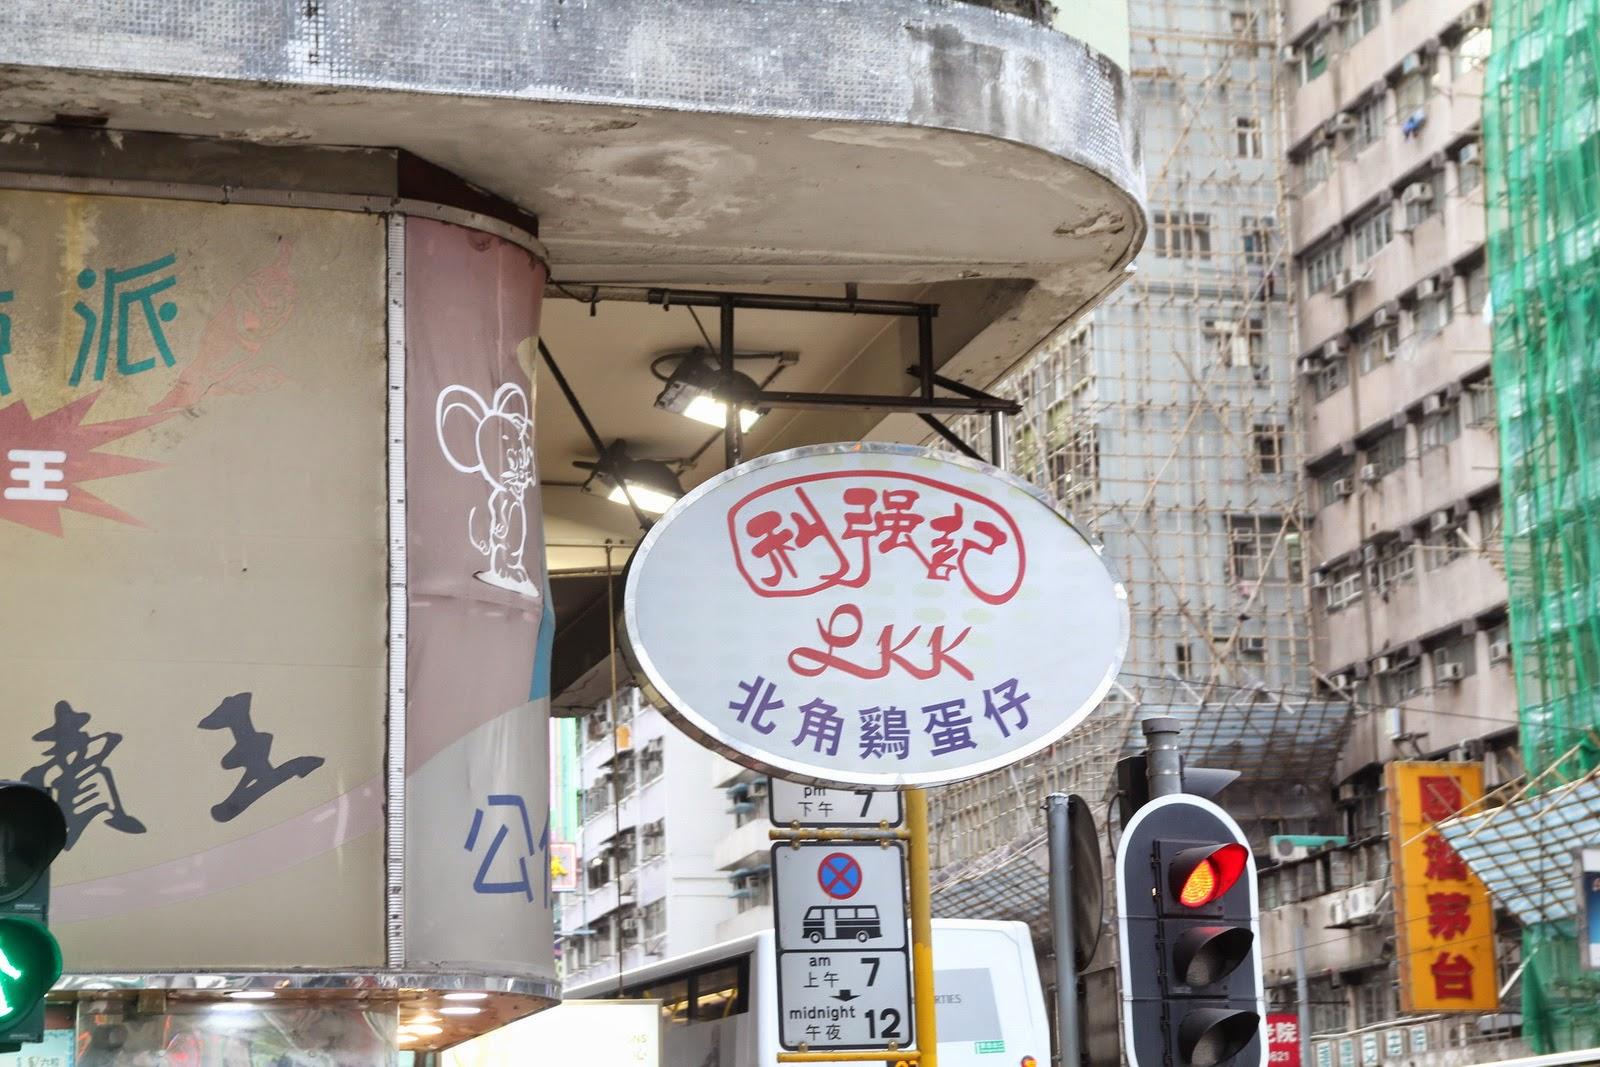 《2016年香港 澳門米芝蓮指南》(Michelin Guide Hong Kong Macau 2016) - 小食 - SeeWide